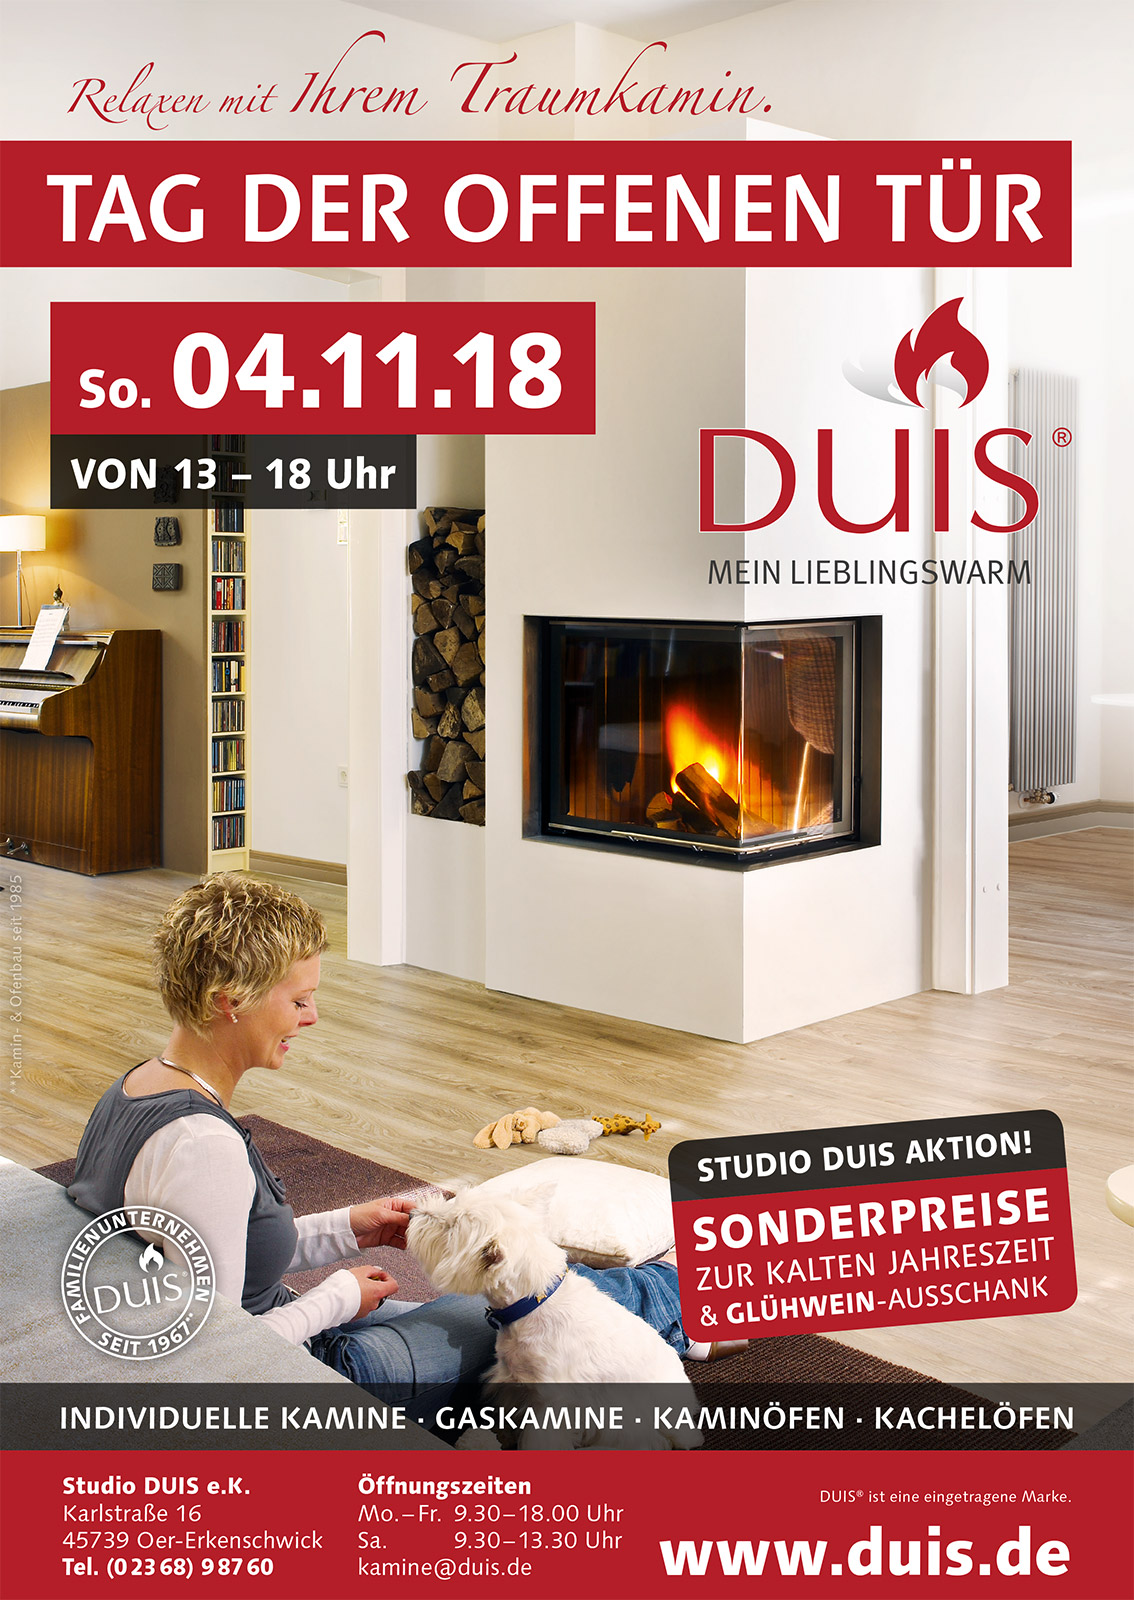 Tag der offenen Tür am 04.11.2018 bei Studio DUIS – Glühwein & tolle Rabatte.